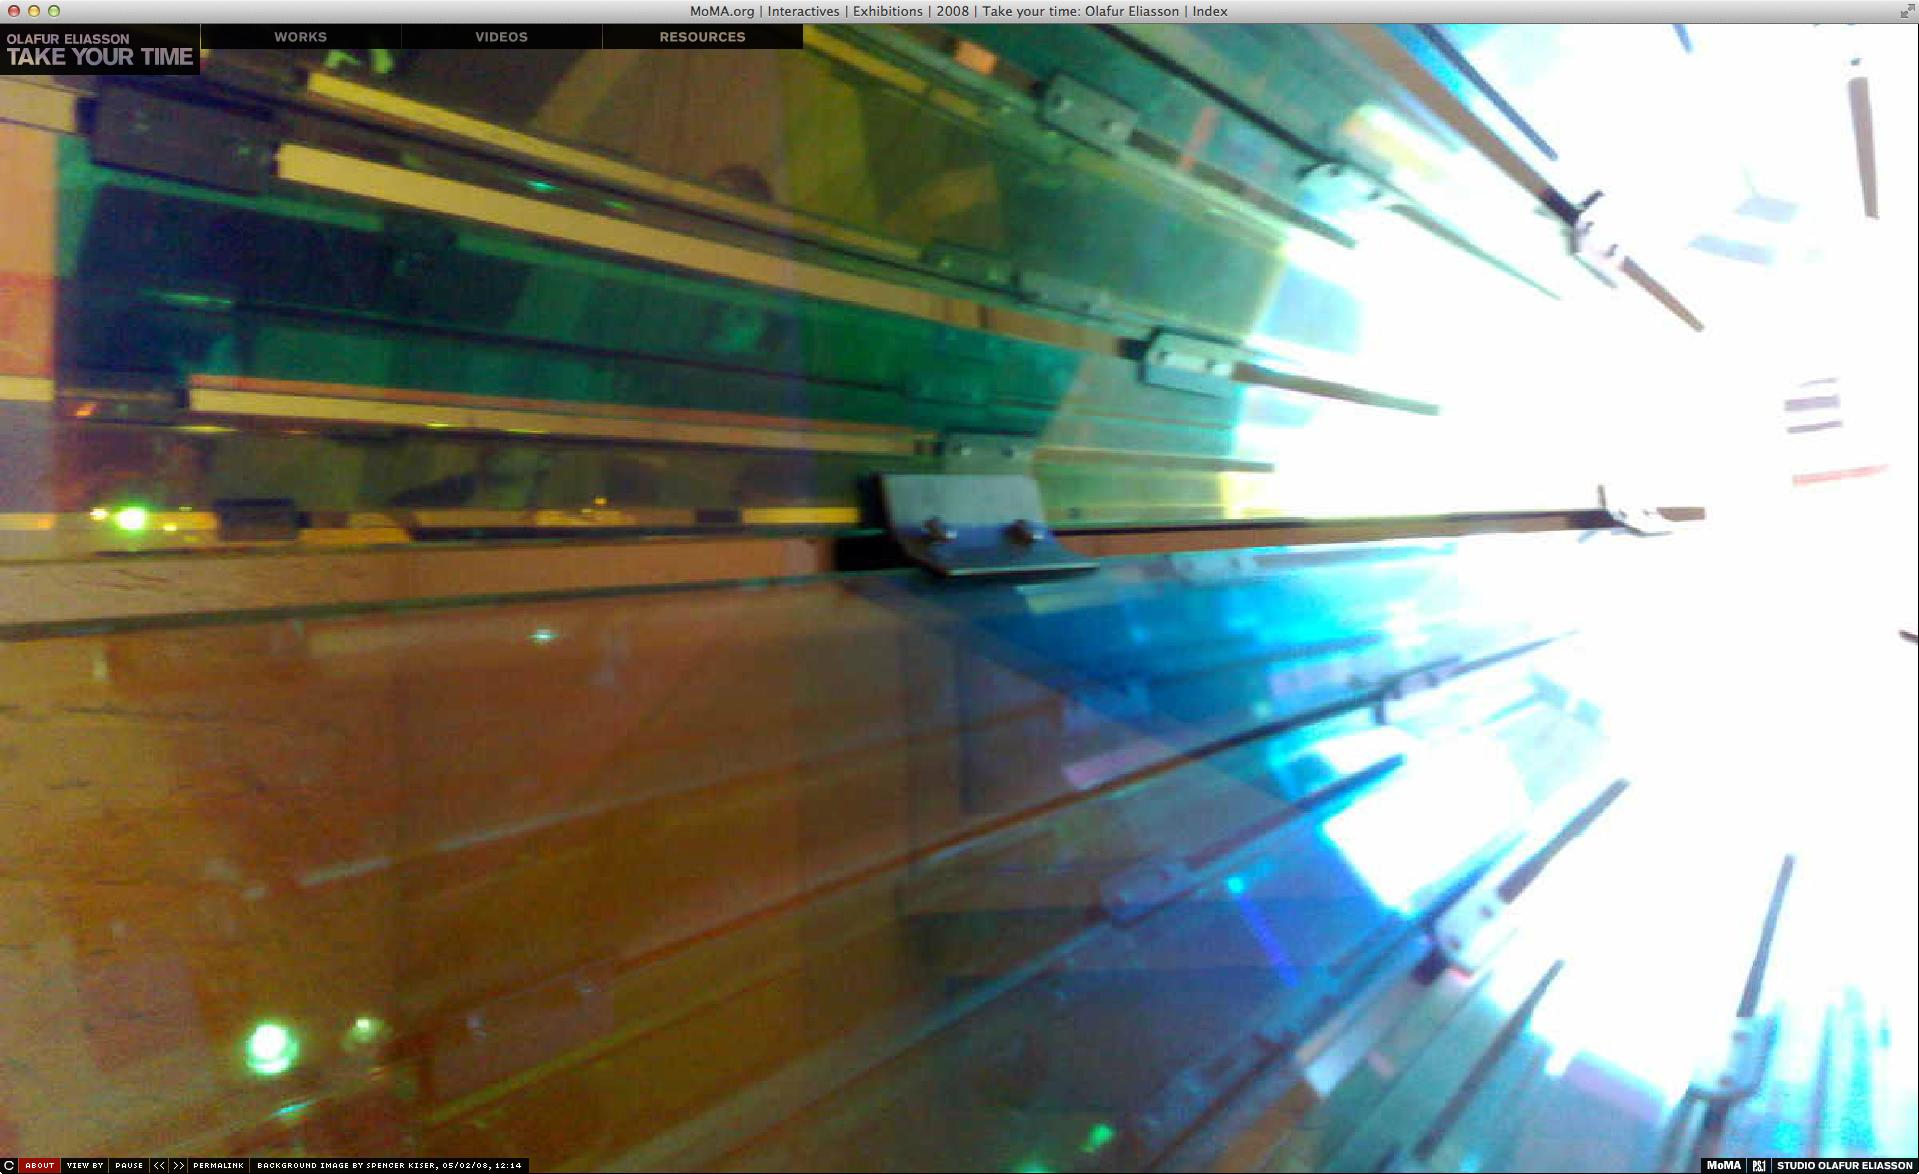 Screen Shot 2013-04-27 at 9.52.21 AM.png